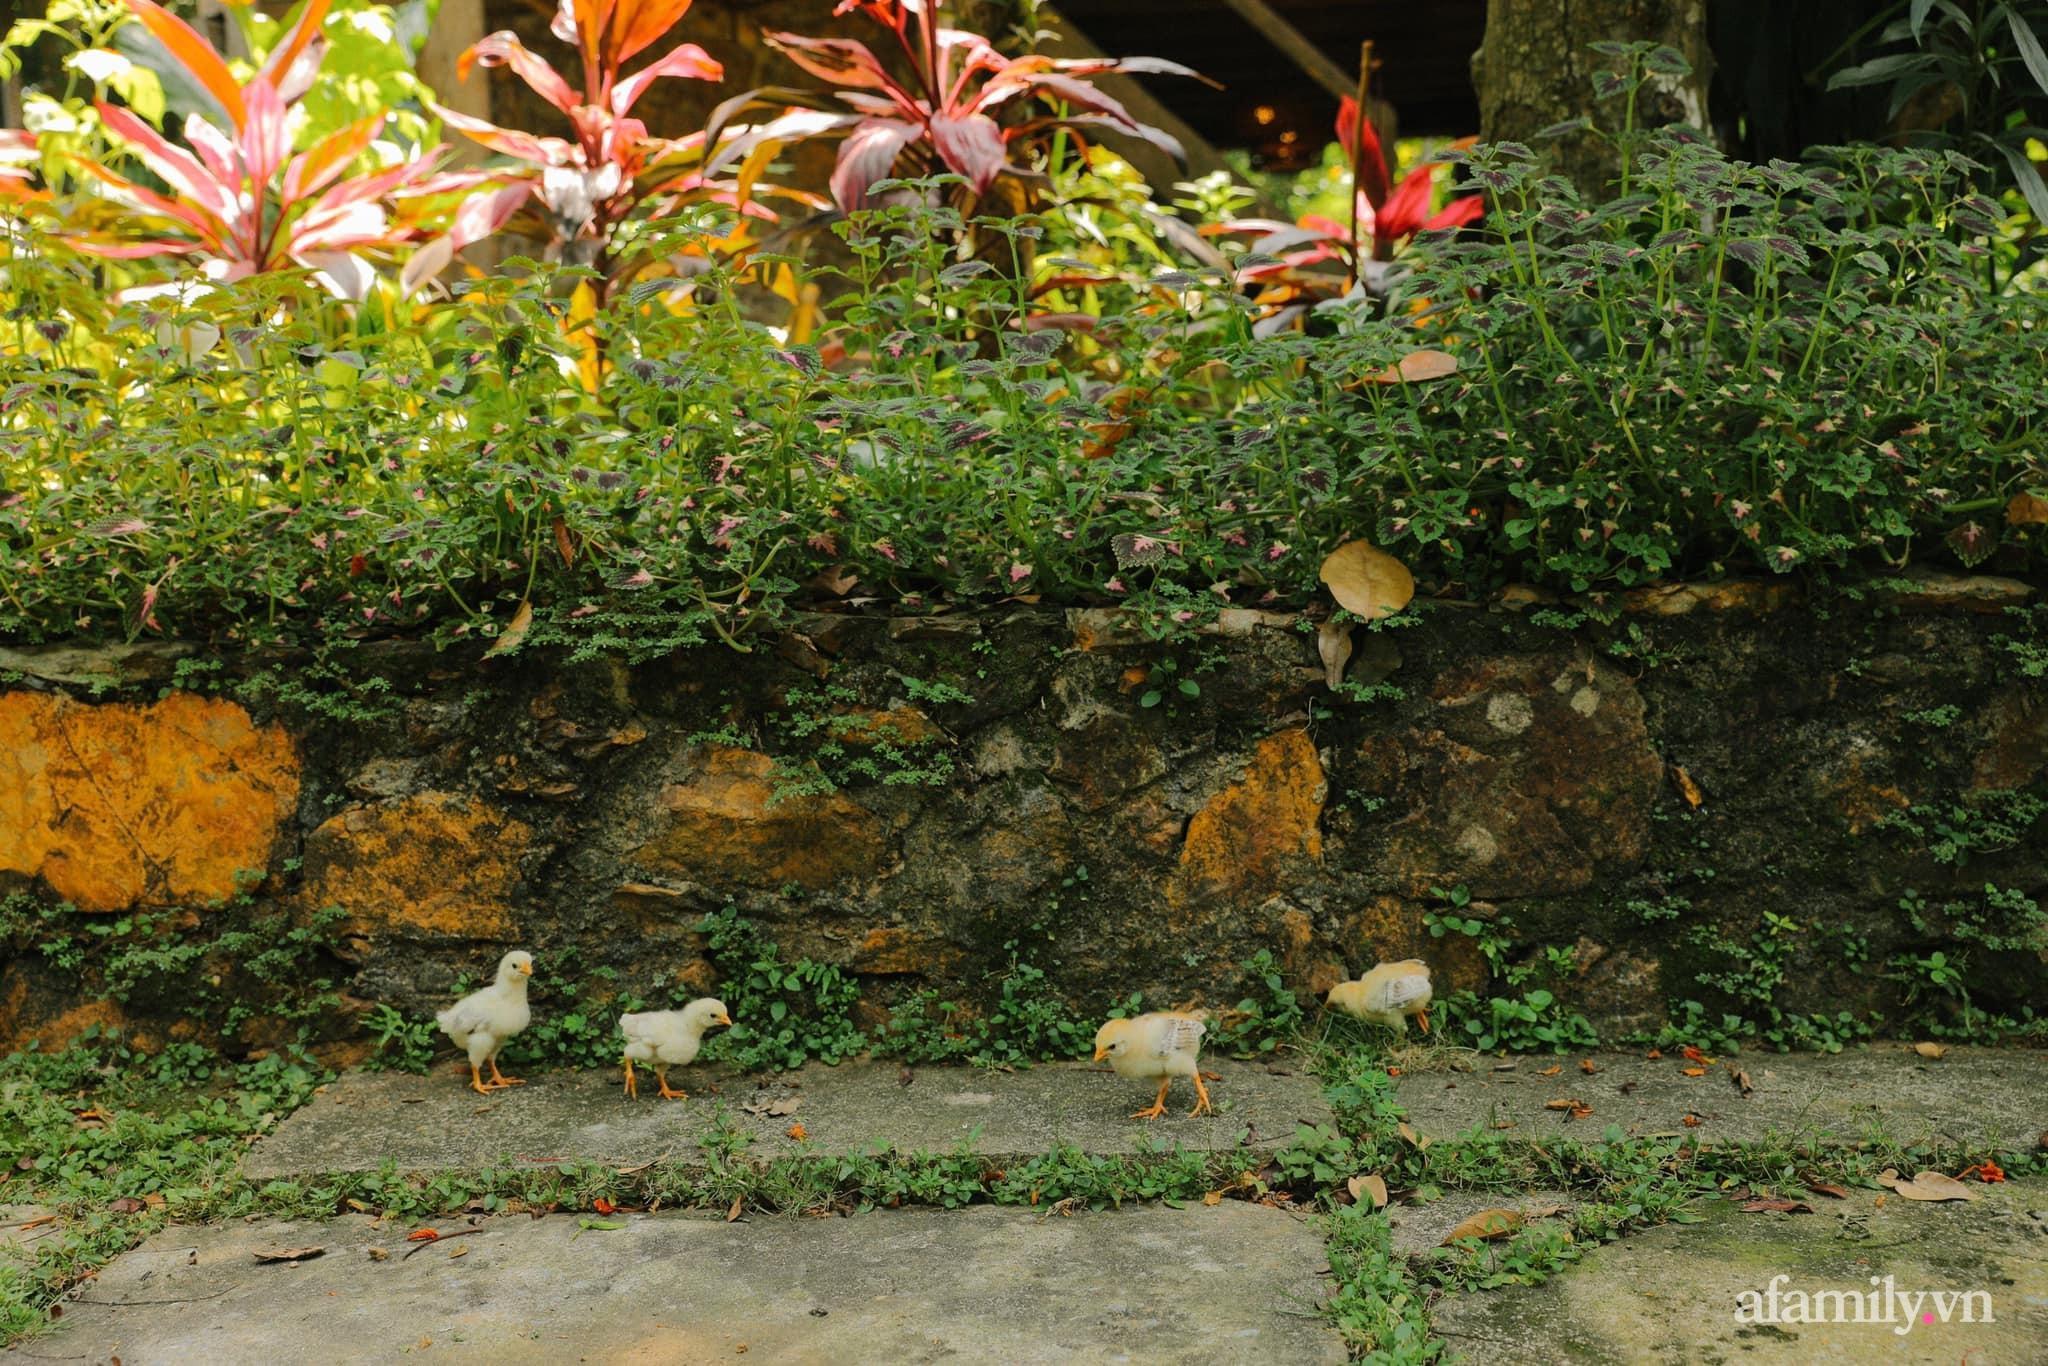 Cải tạo không gian rêu phong thành nhà vườn gói ghém những bình yên của người phụ nữ Hà Thành - Ảnh 5.